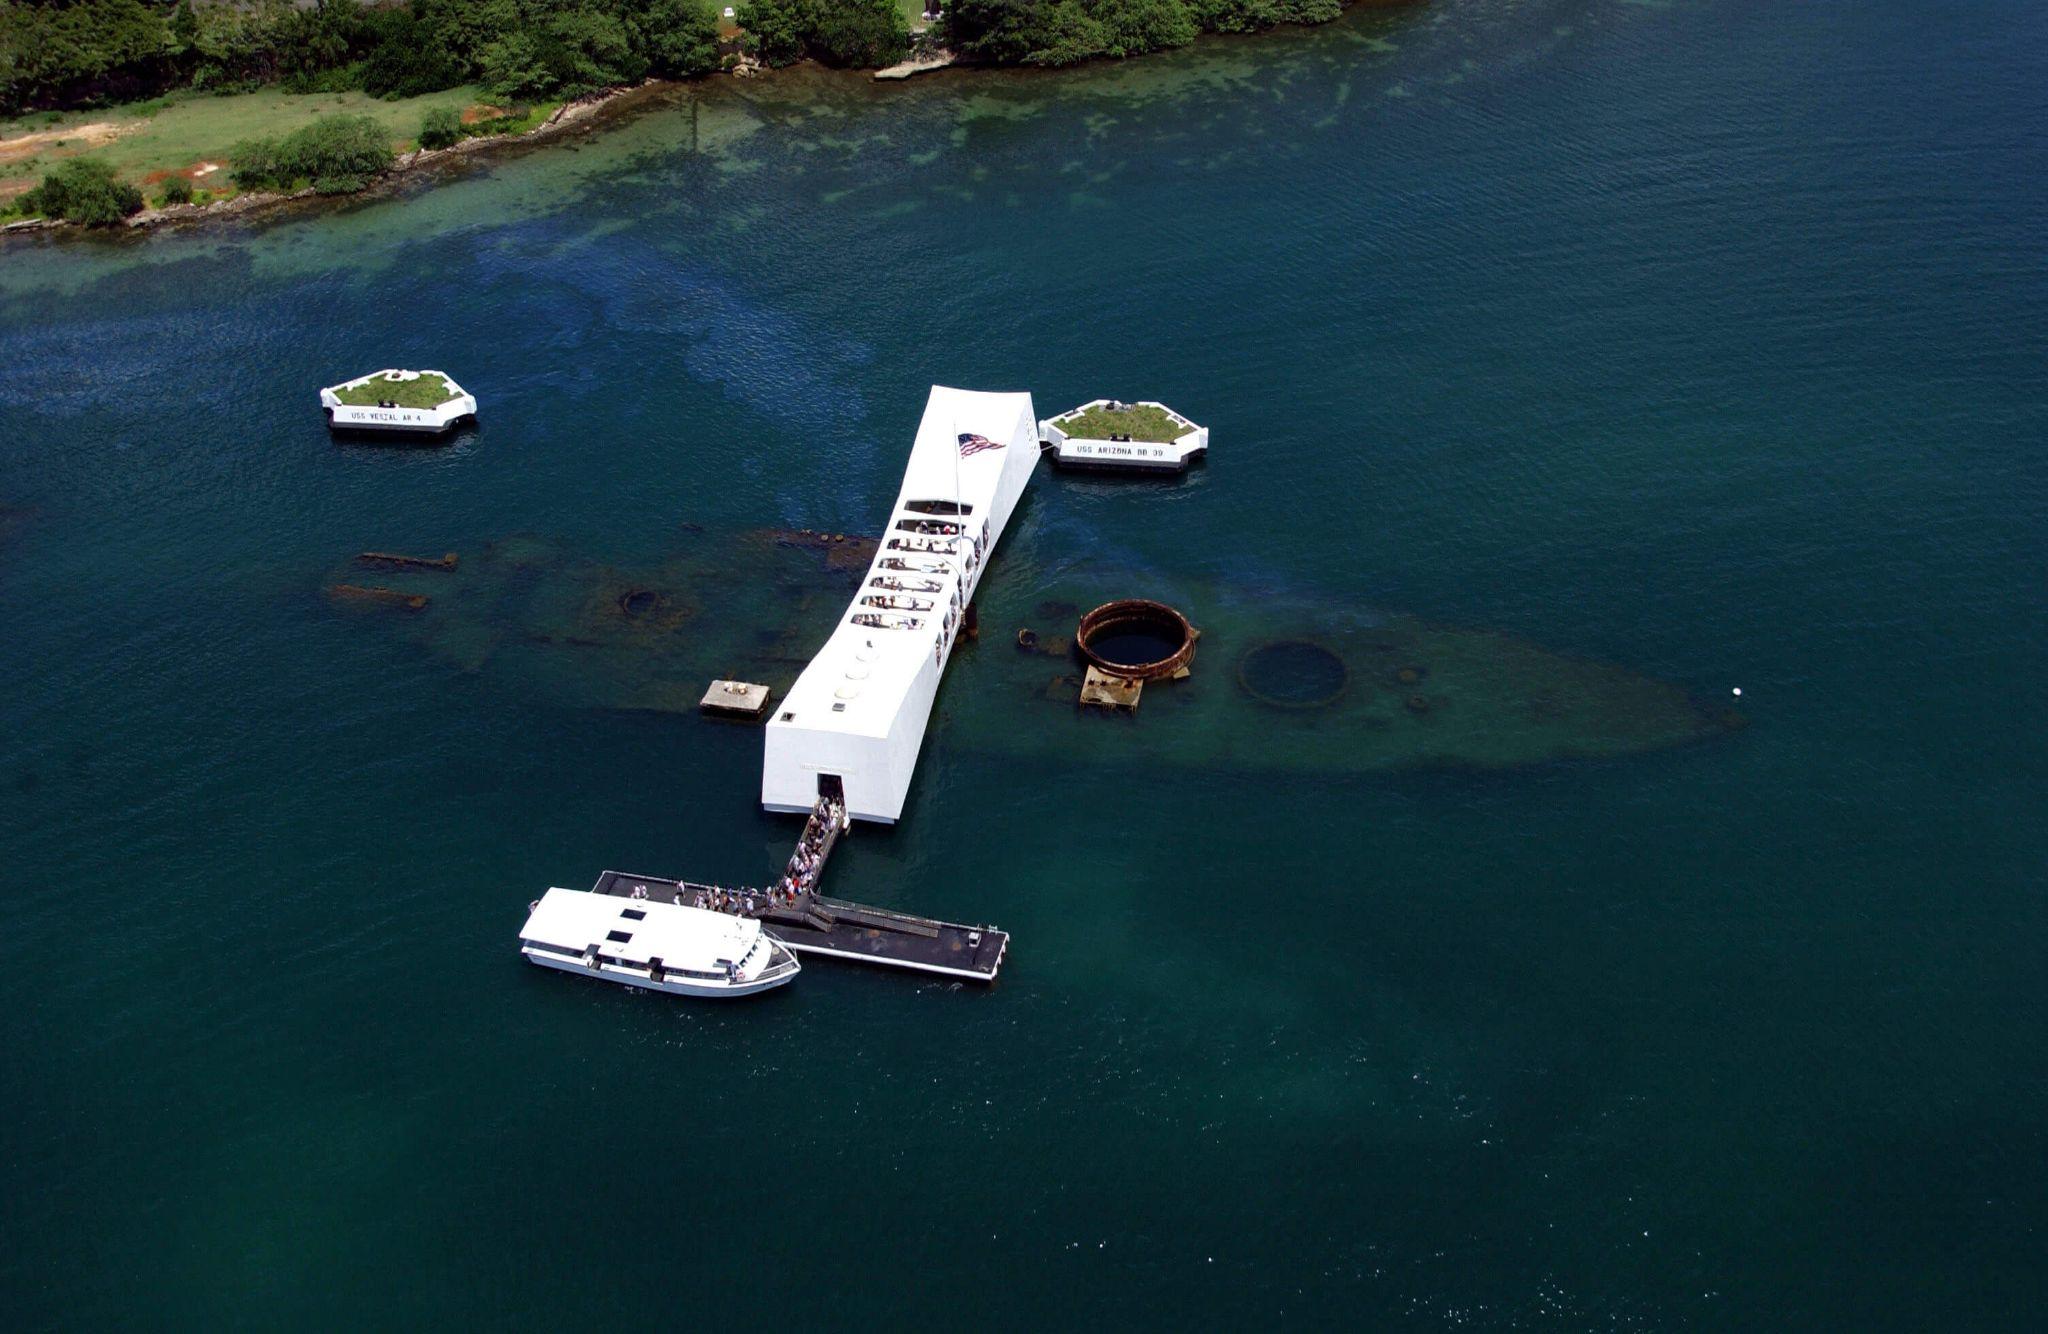 USS Arizona Memorial, Pearl Harbor Historical Site